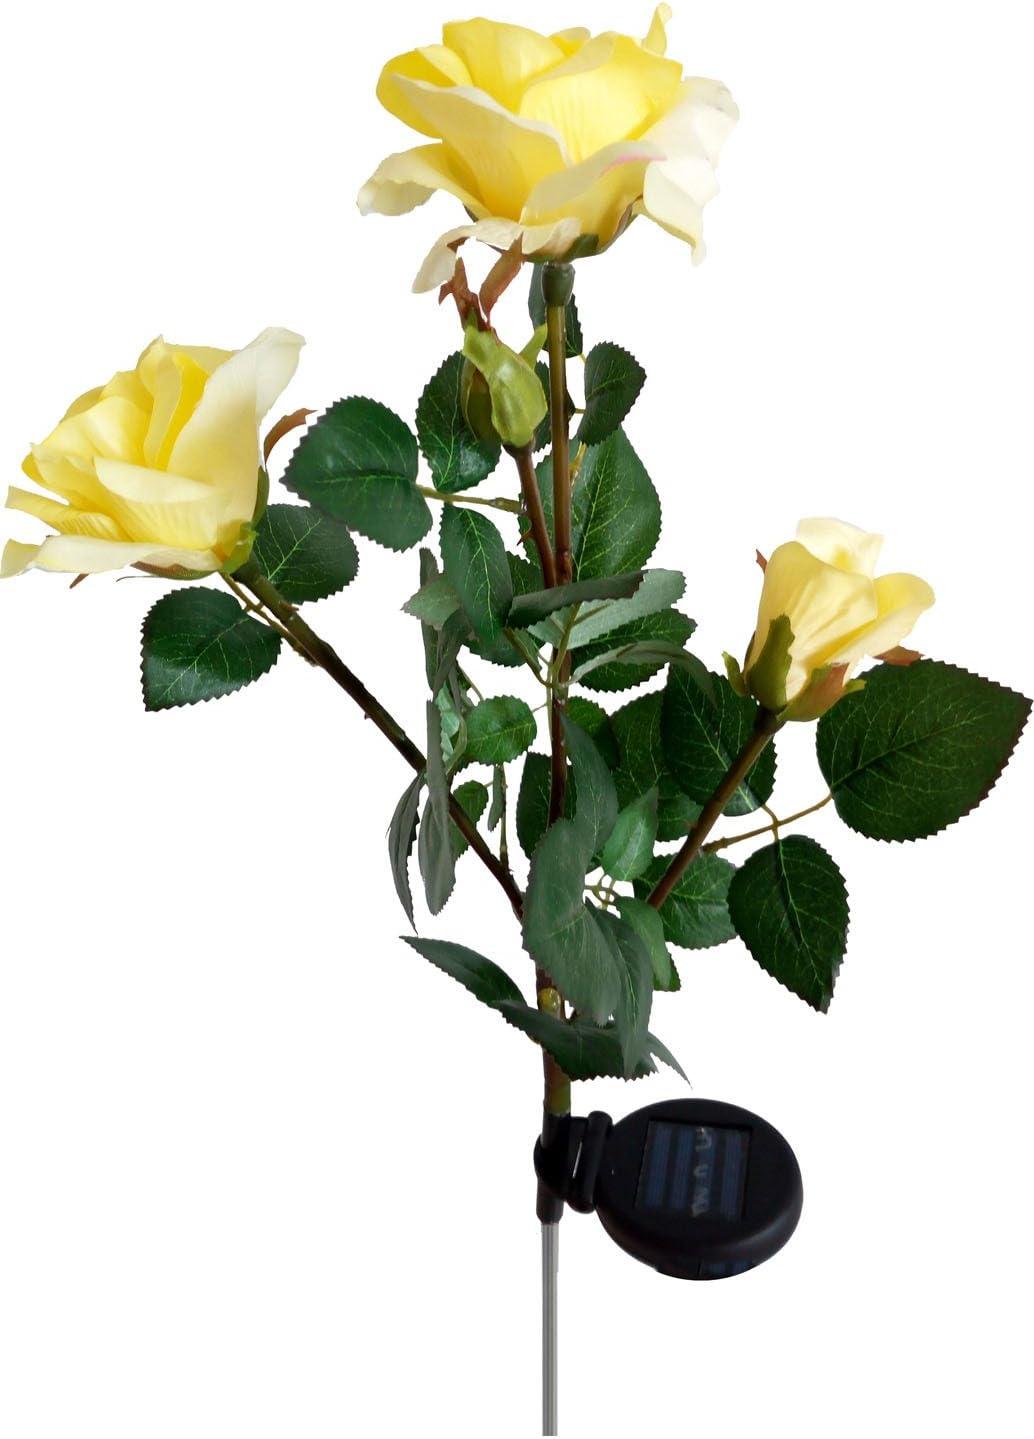 Solar Yellow Rose Flower Lights De online shopping Powered High order Outdoor Garden